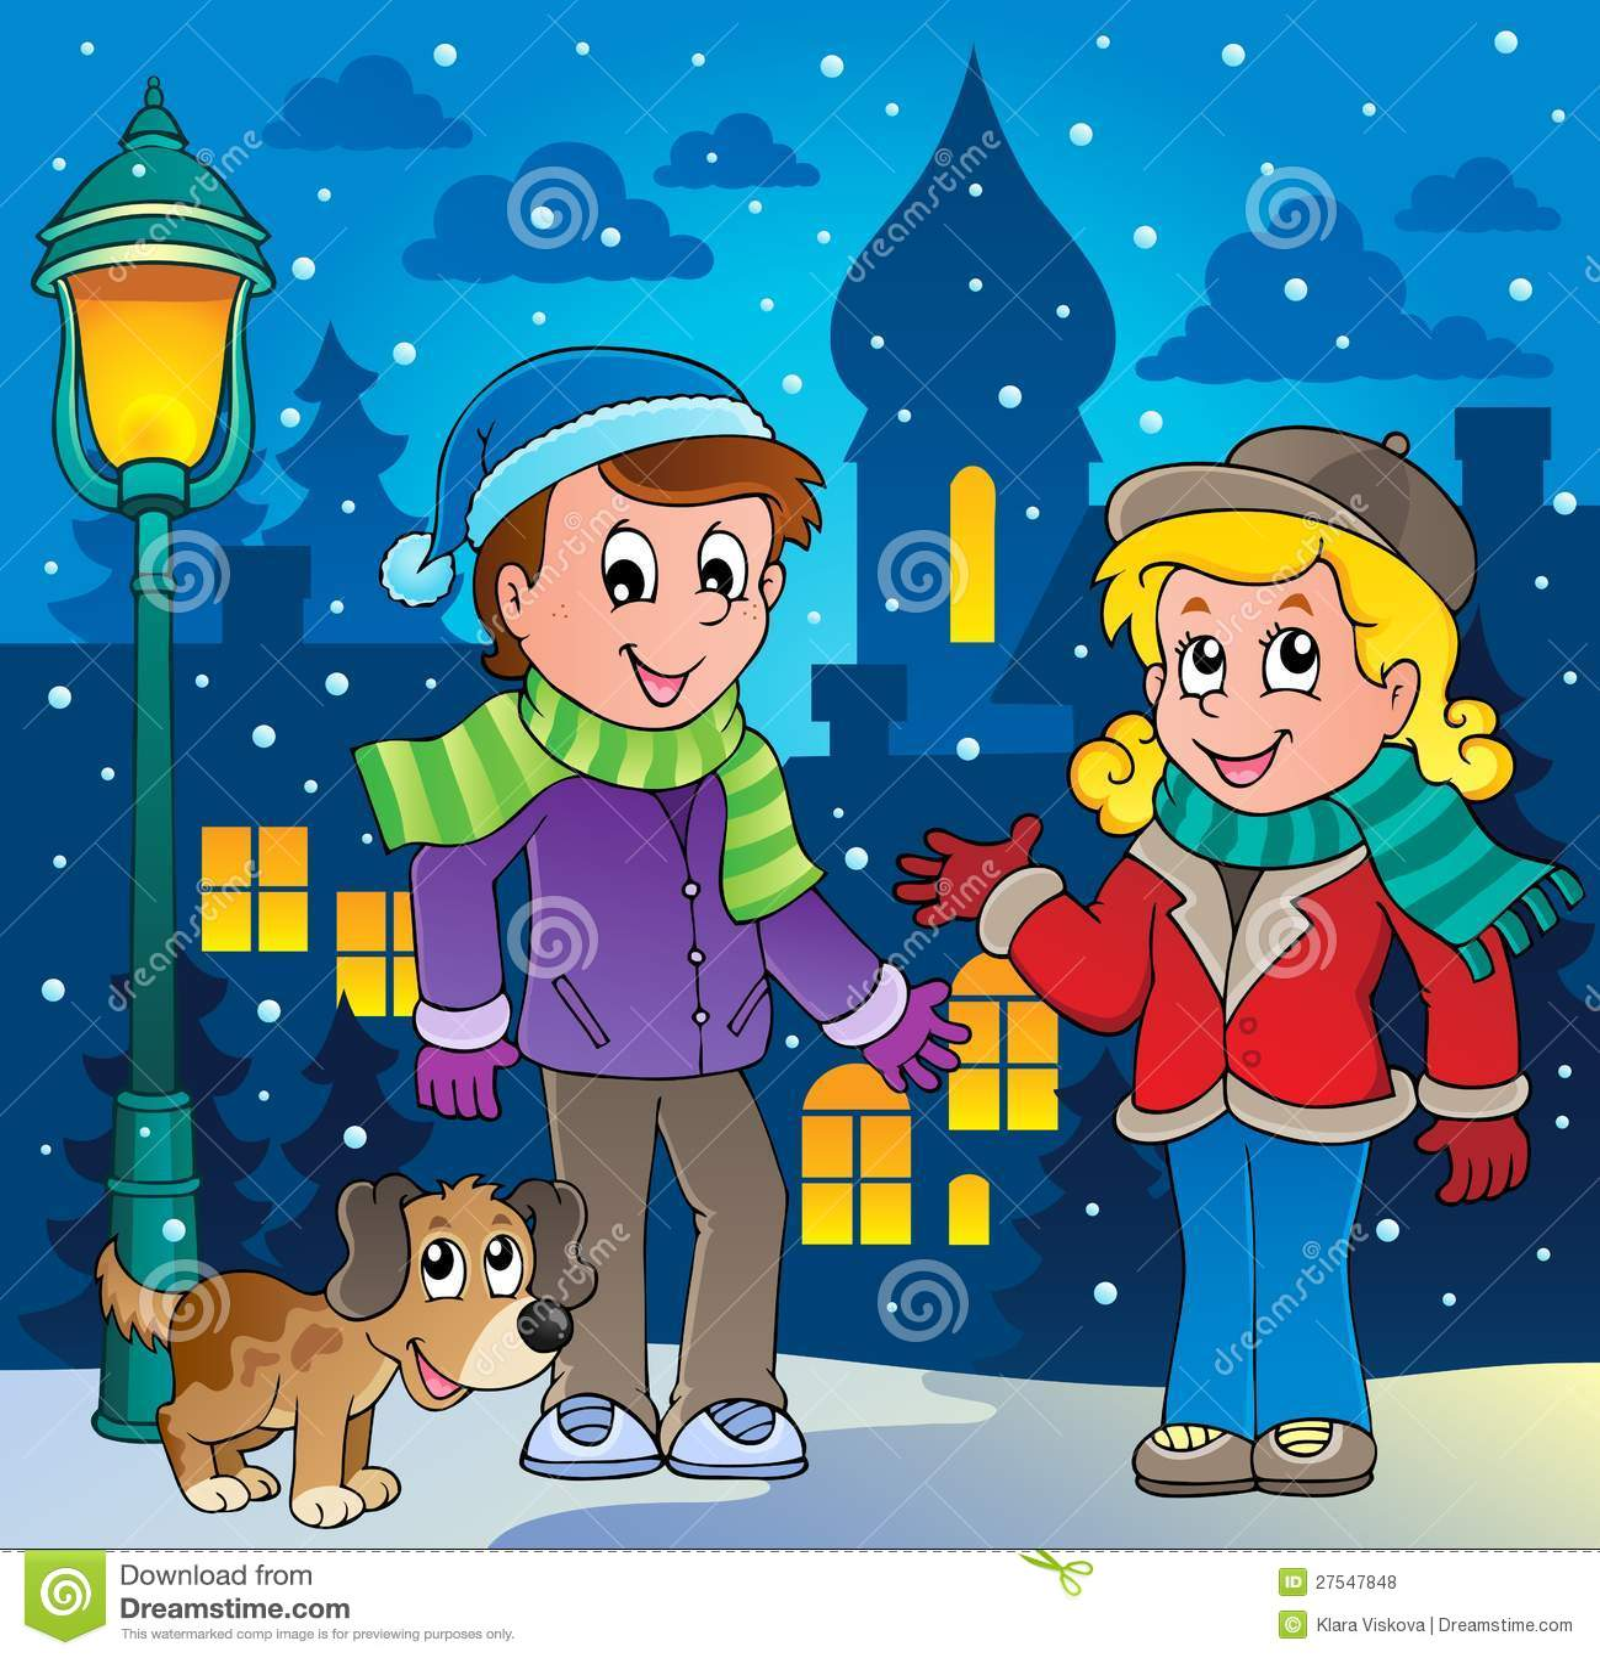 Image 3 de dessin anim de personne de l 39 hiver illustration de vecteur illustration du fille - Dessin de l hiver ...